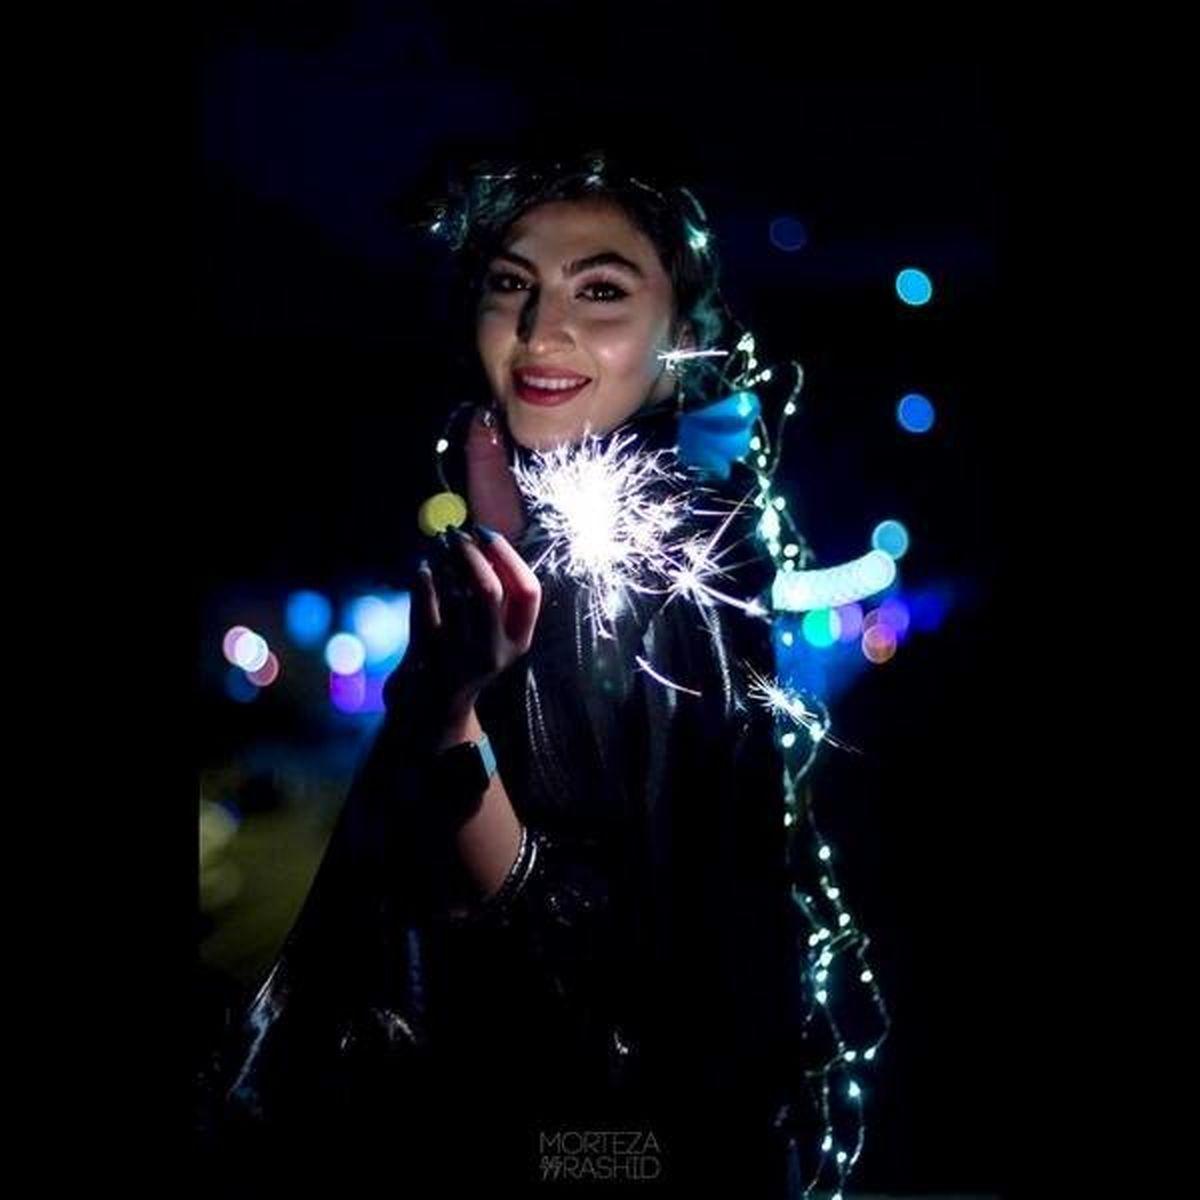 بیوگرافی مریم مومن بازیگر شجاع بانوی عمارت + تصاویر